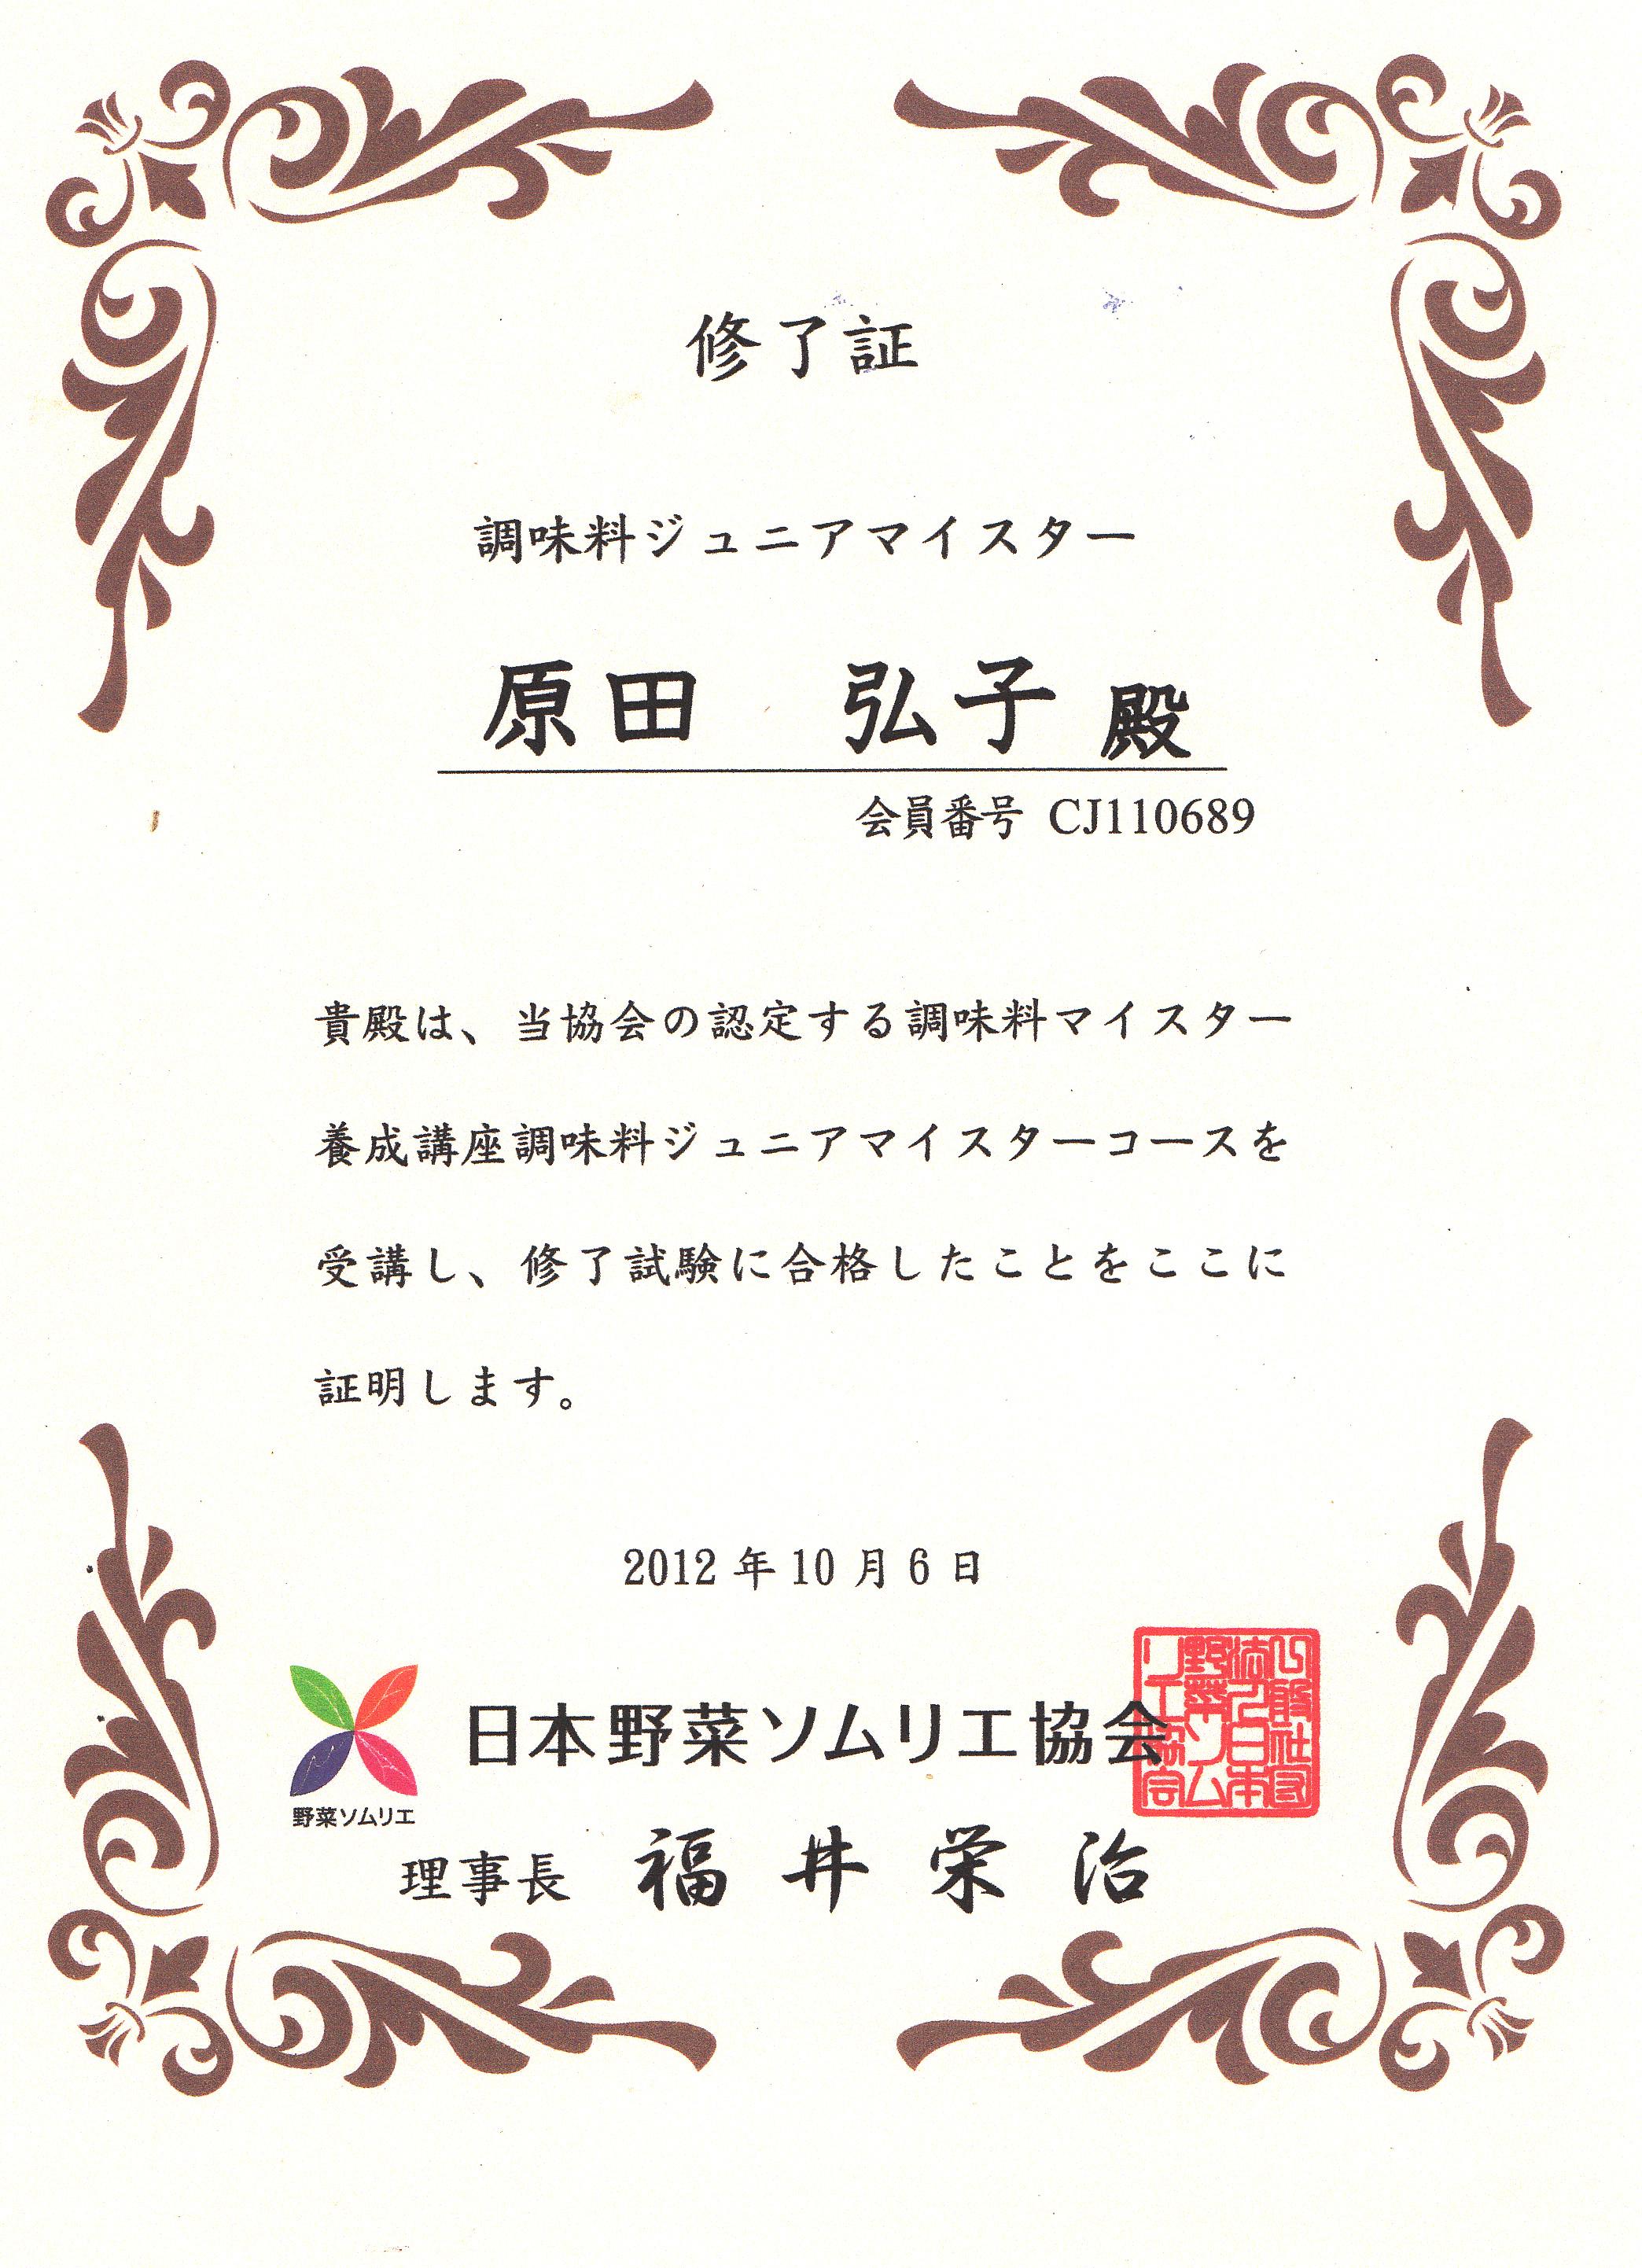 原田トマトは調味料ジュニアマイスターのソムリエ資格を取得しています。